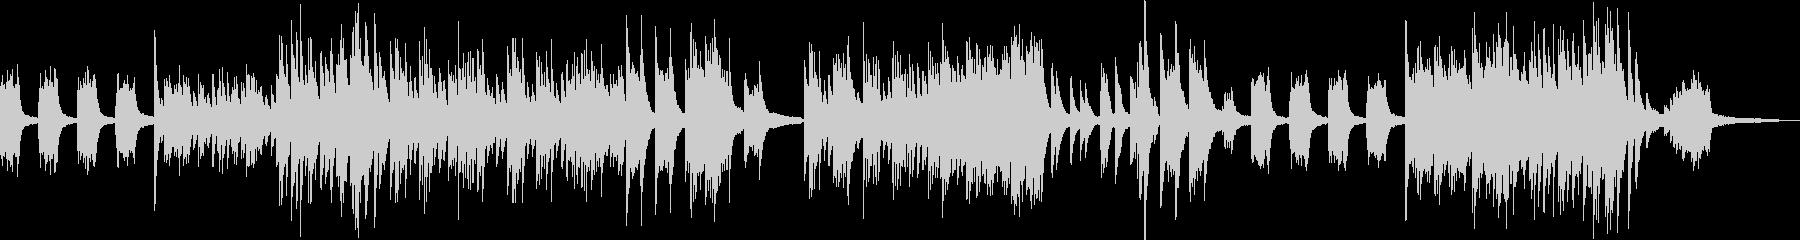 リトルワールド・メルヘンなピアノソロの未再生の波形